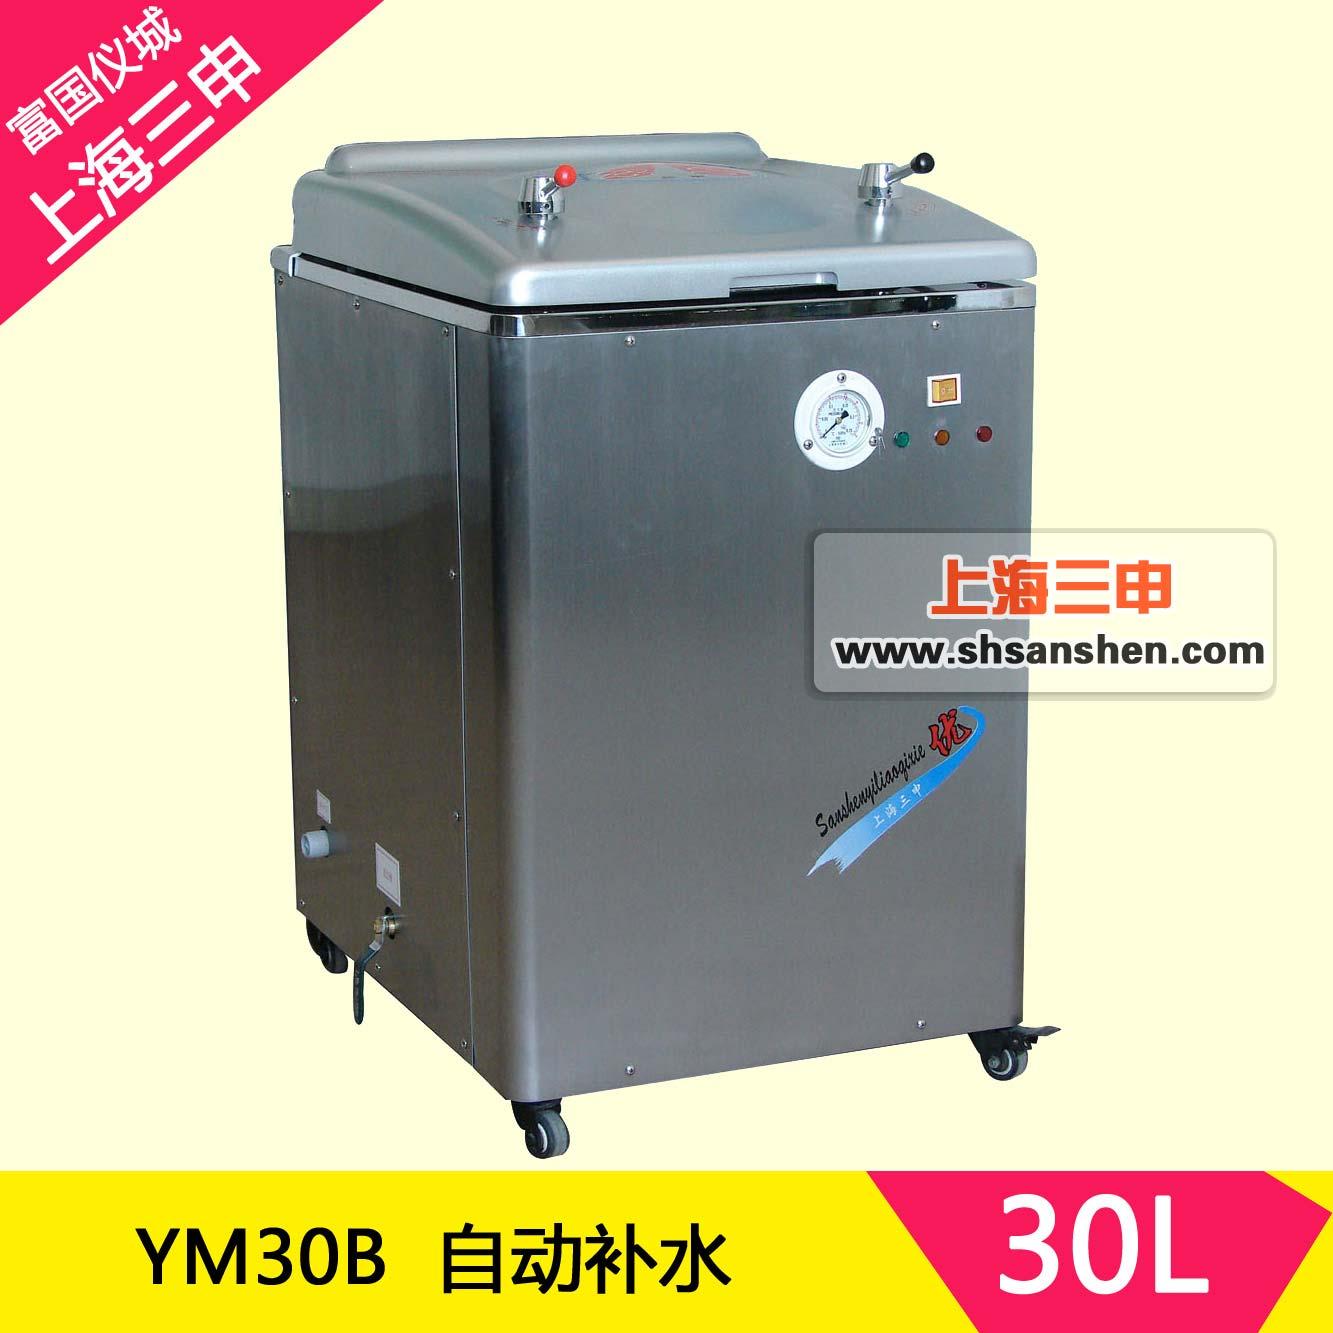 上海三申YM30B不锈钢立式电热蒸汽xx色综合高压灭菌锅医用消毒锅(自动补水型)